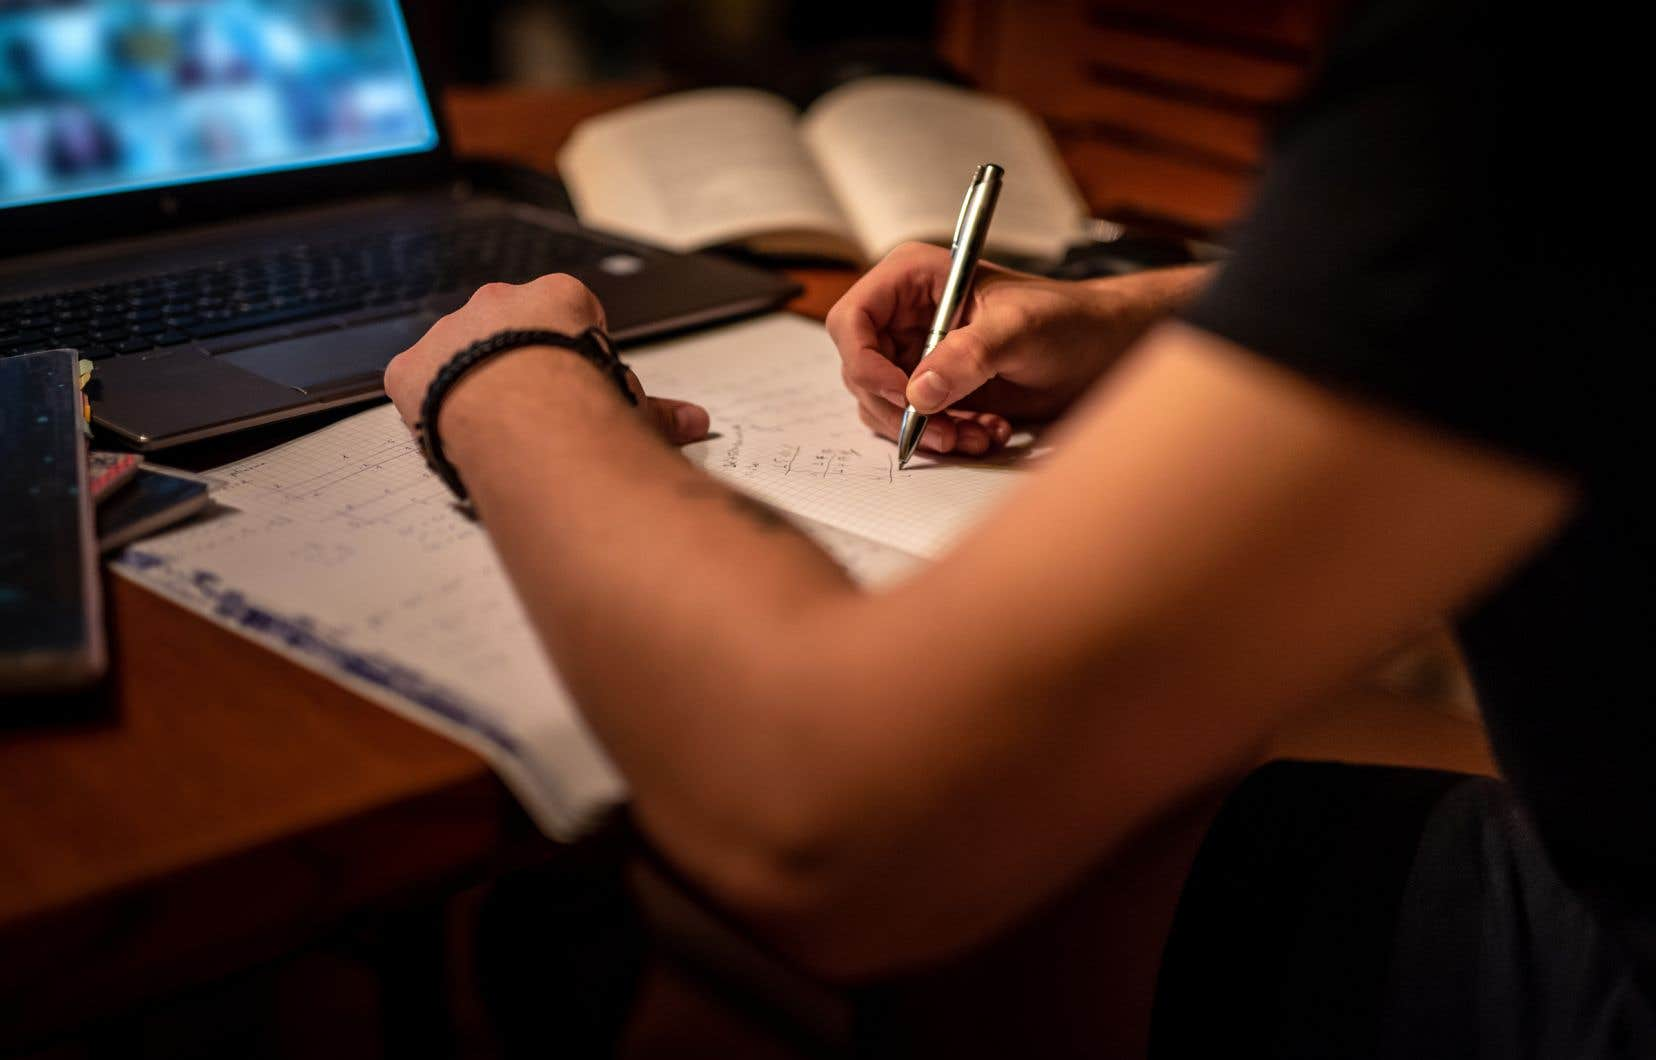 Certains étudiants étrangers se font facturer des frais supplémentaires sous la menace de perdre leur permis d'études.